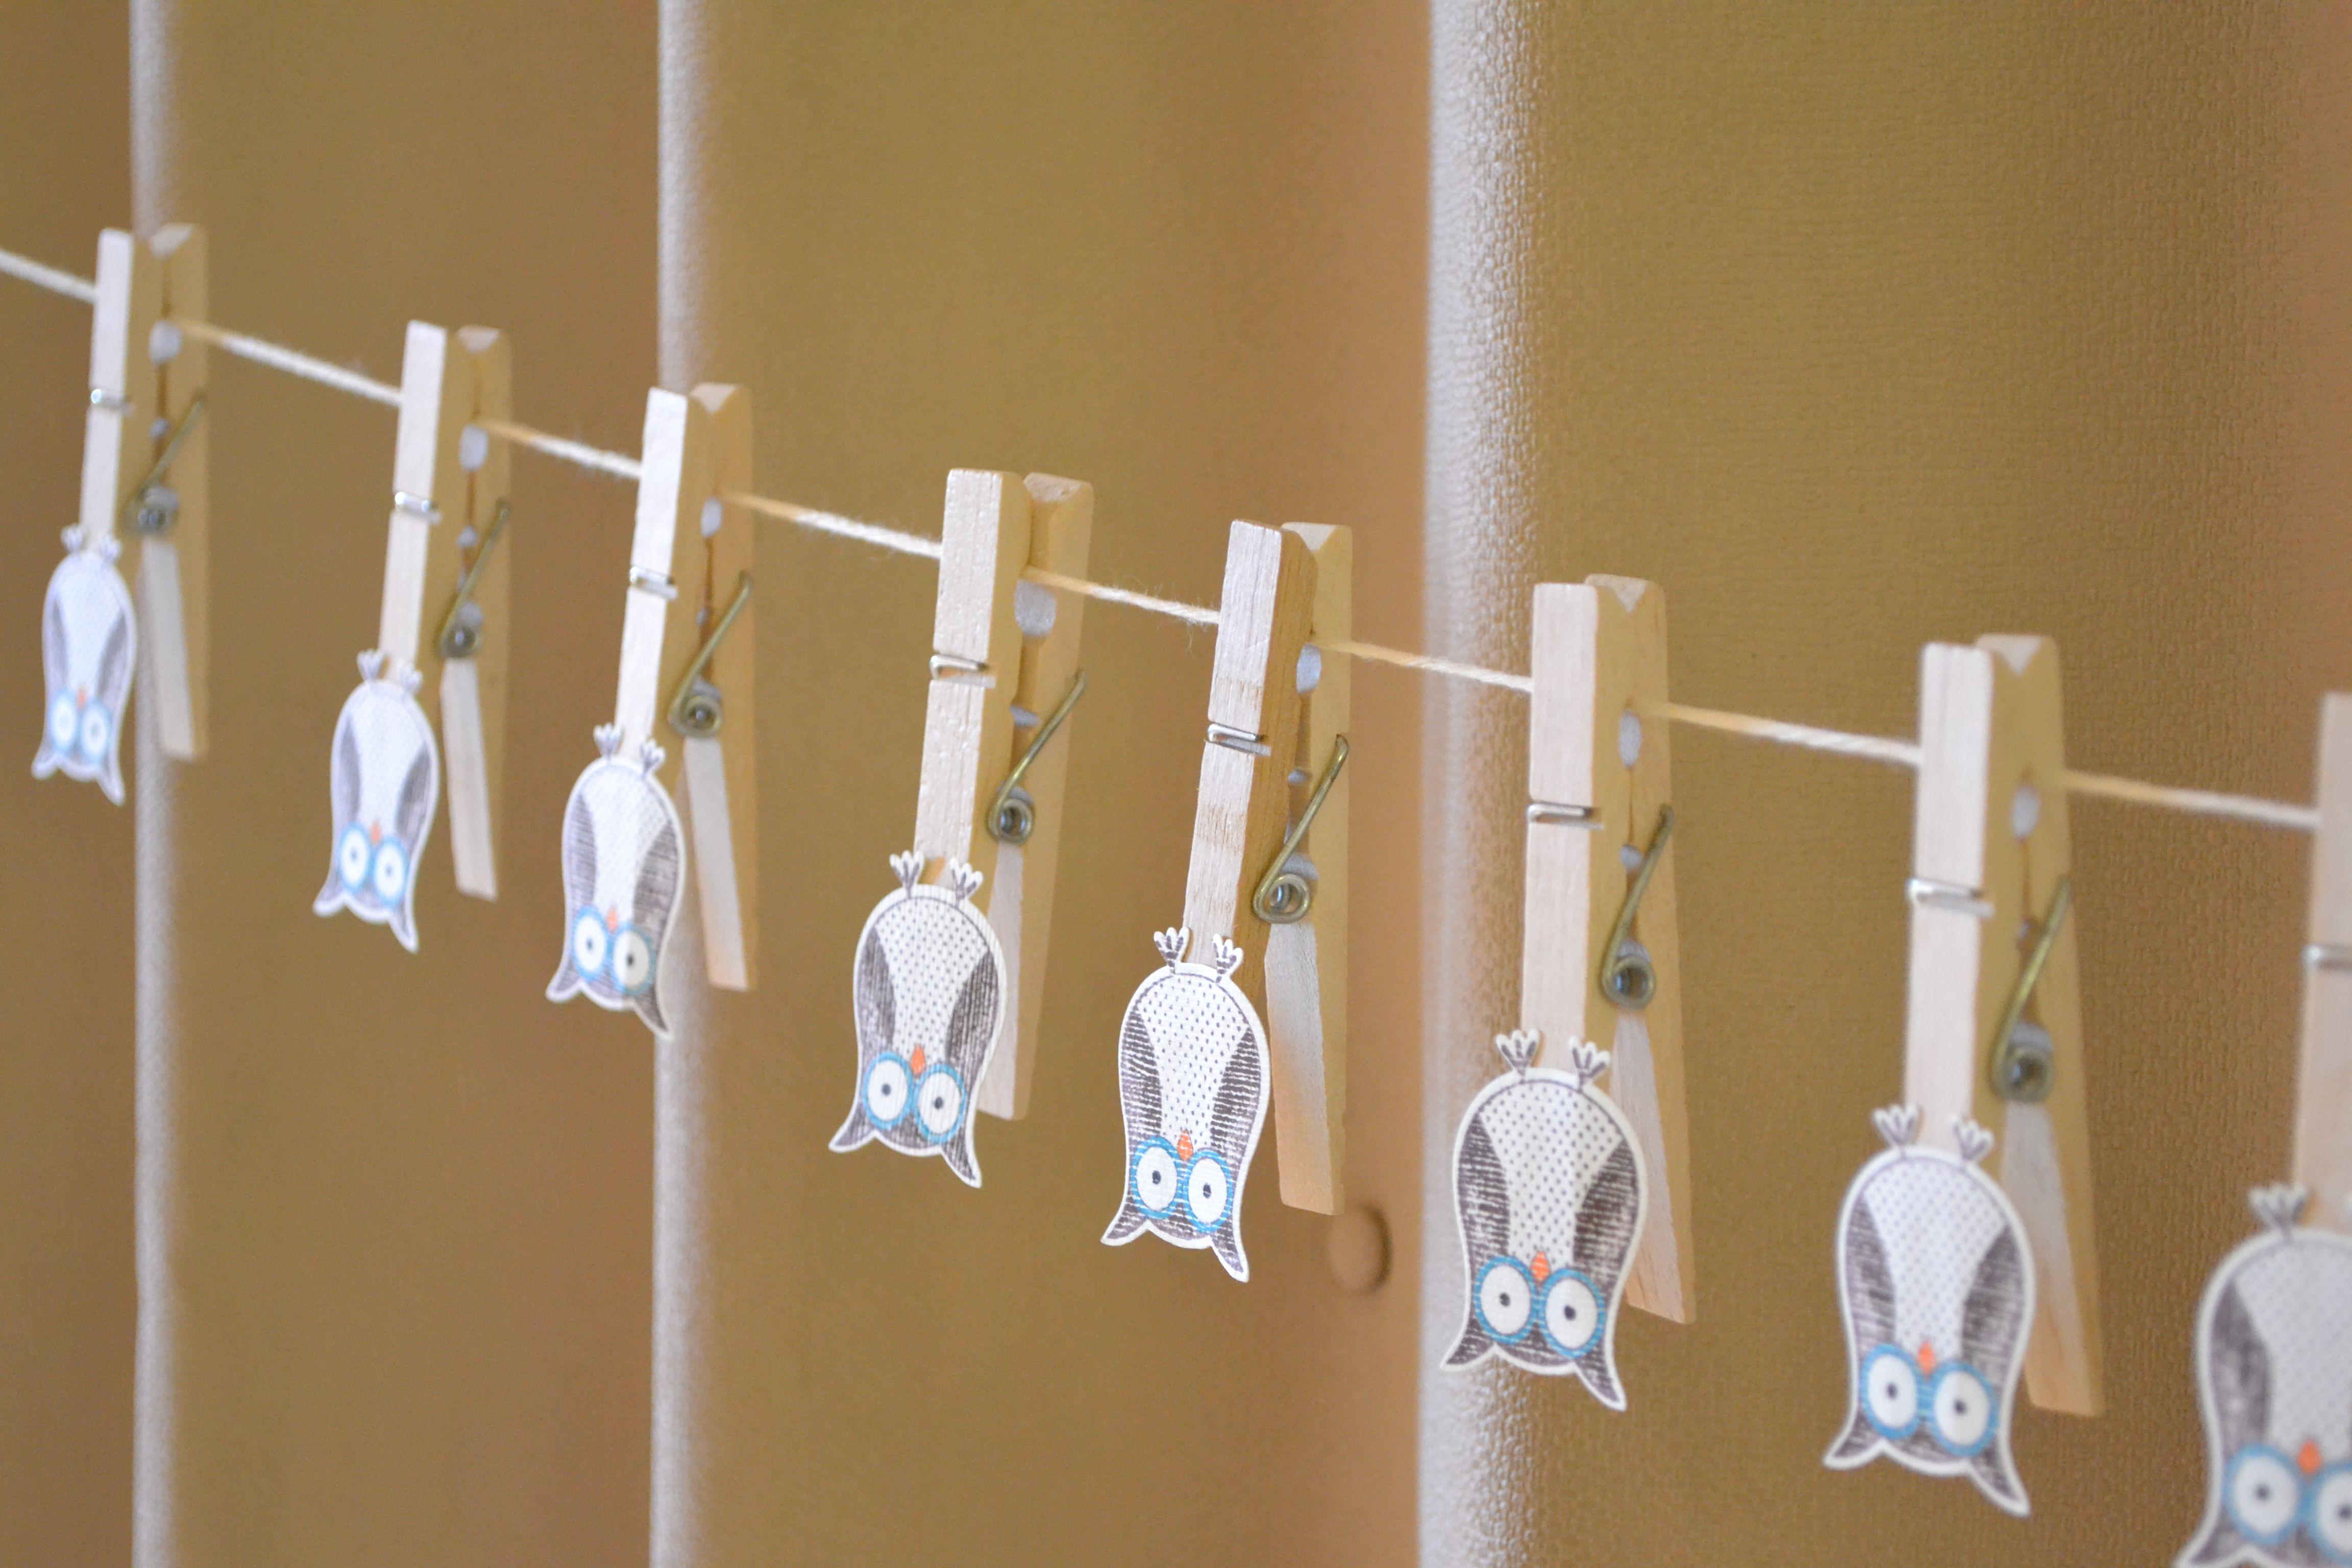 Amusing Baby Shower Owl Themed For Hanger Clothingline